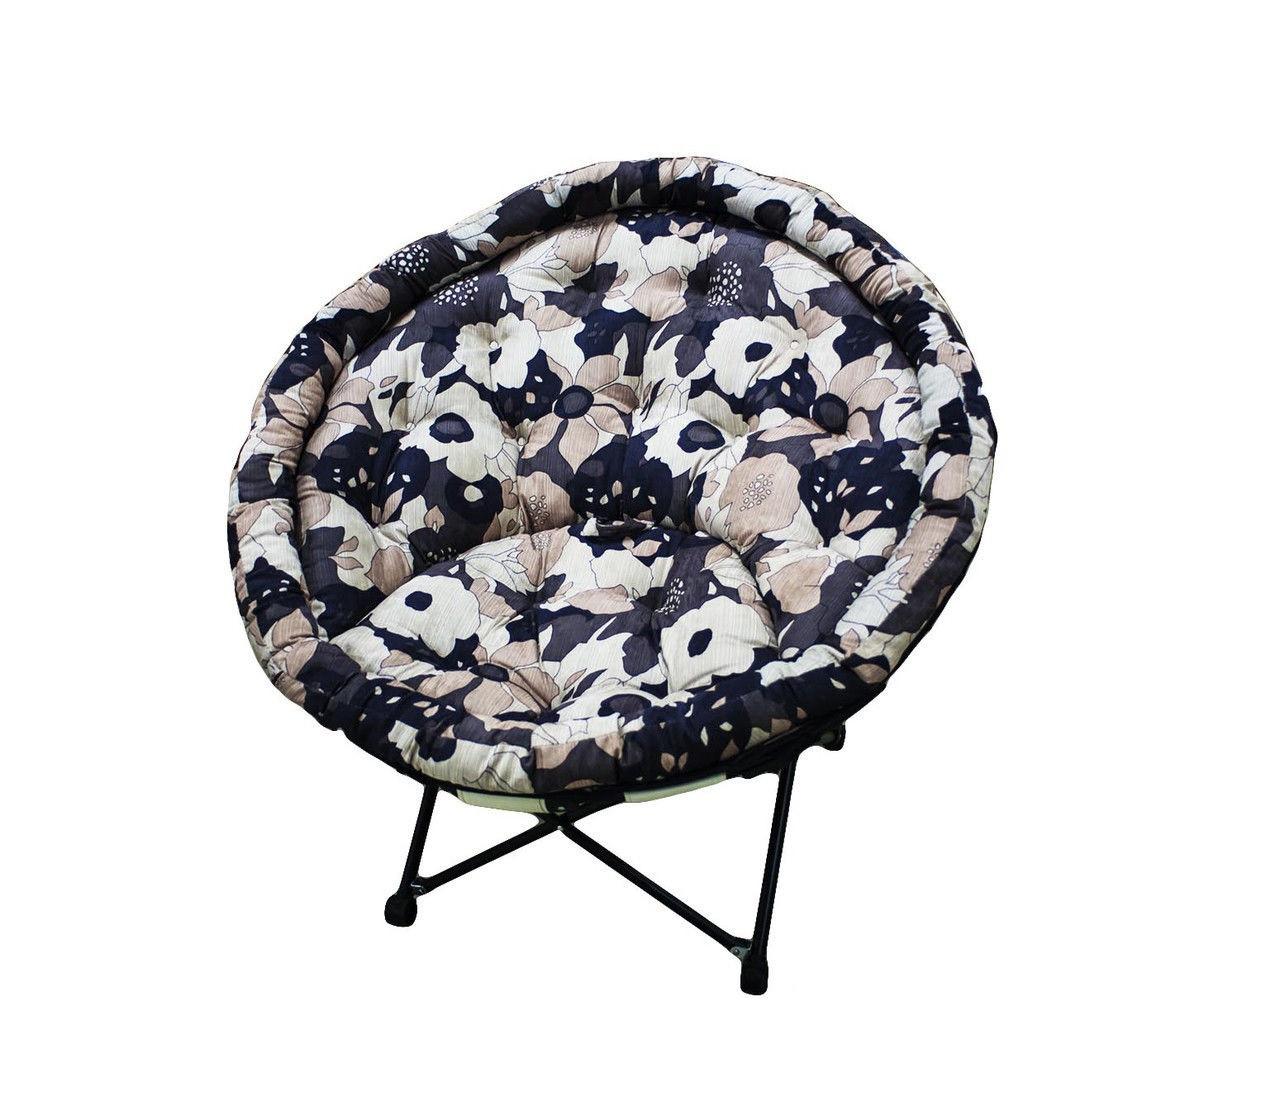 Кресло, 102 * 94 см, коричневый